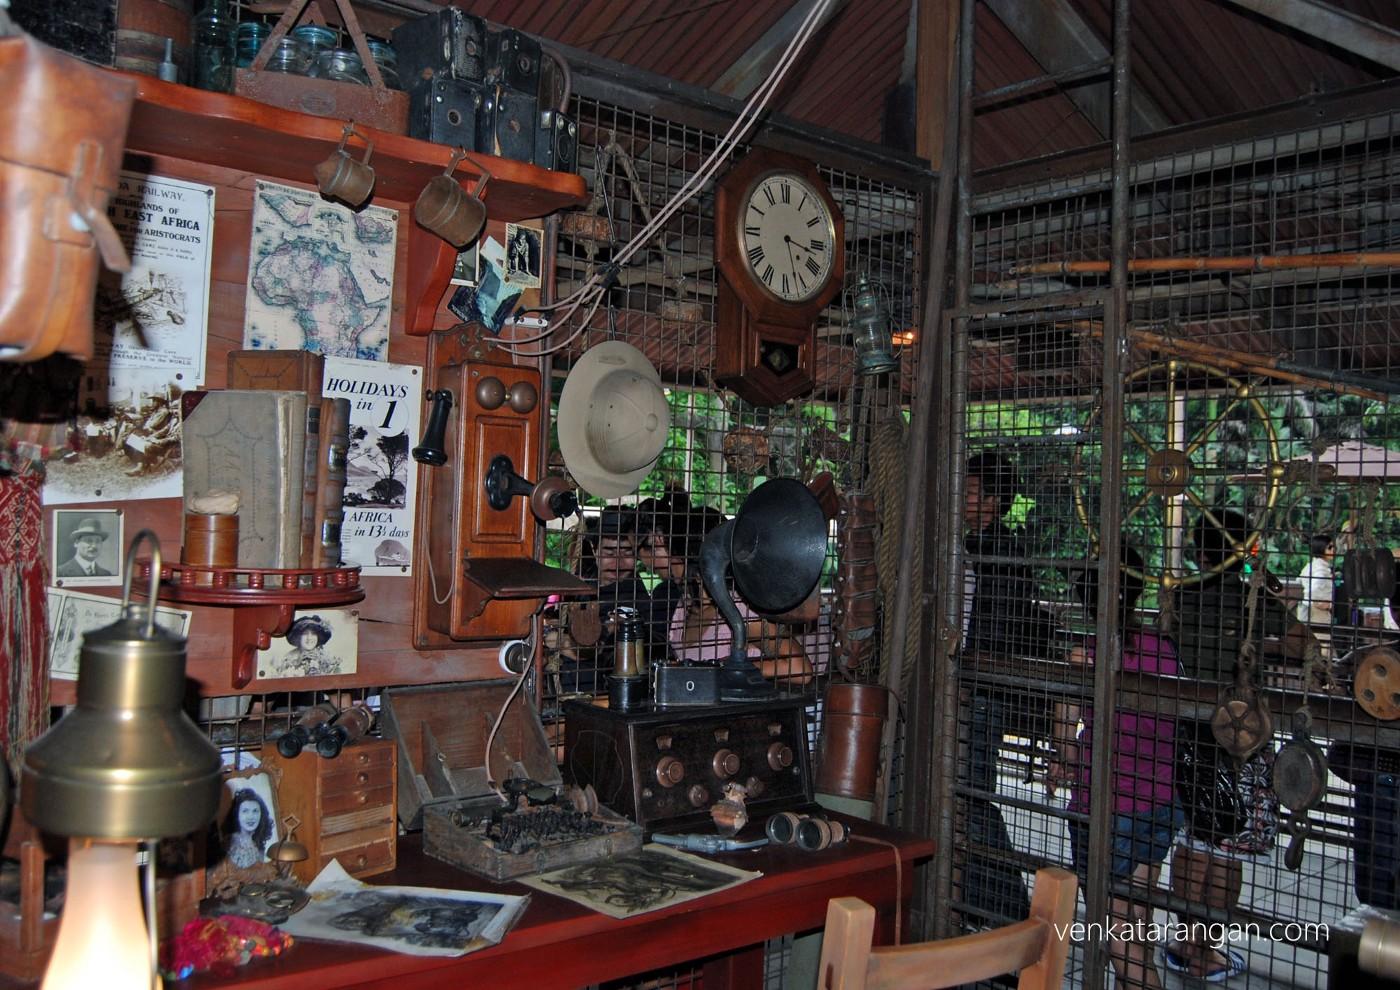 Jungle ride - Explorer's cabin